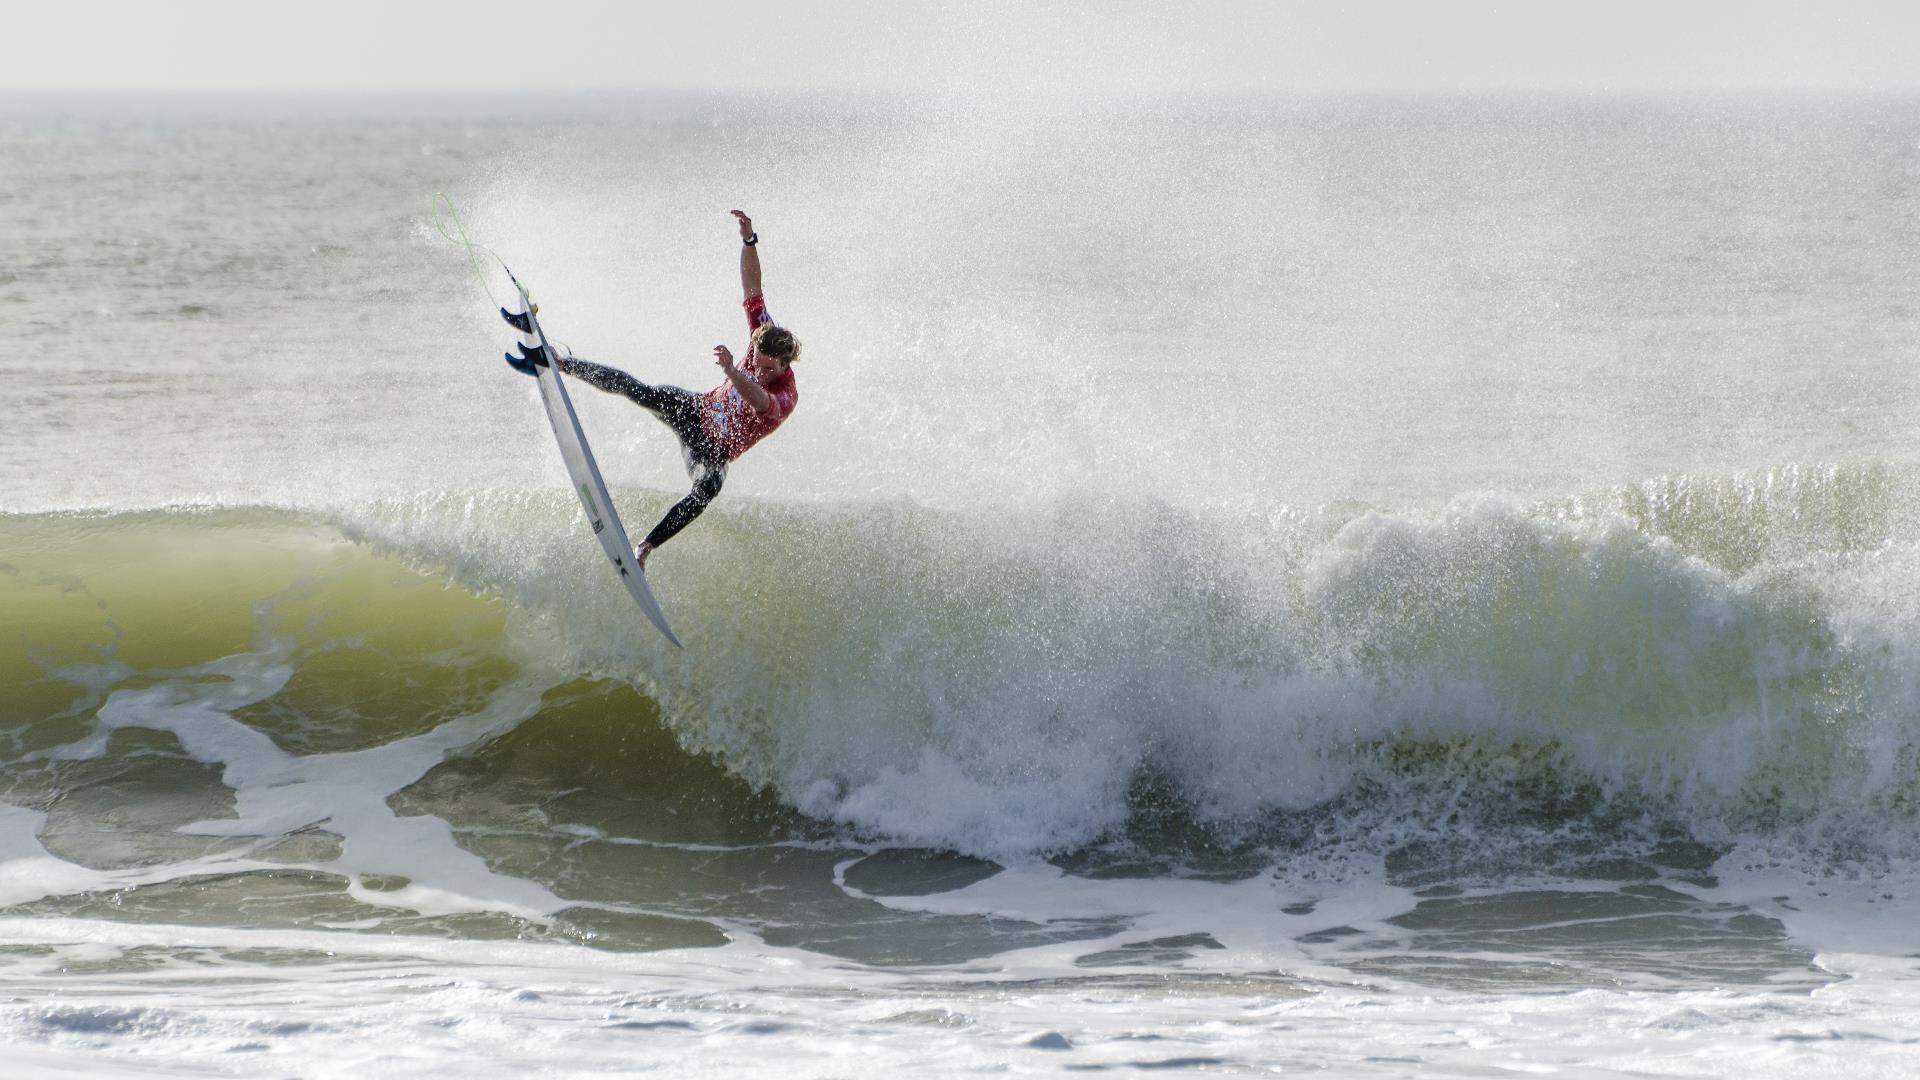 ¿Cuál es el lugar del mundo más barato para aprender surf?